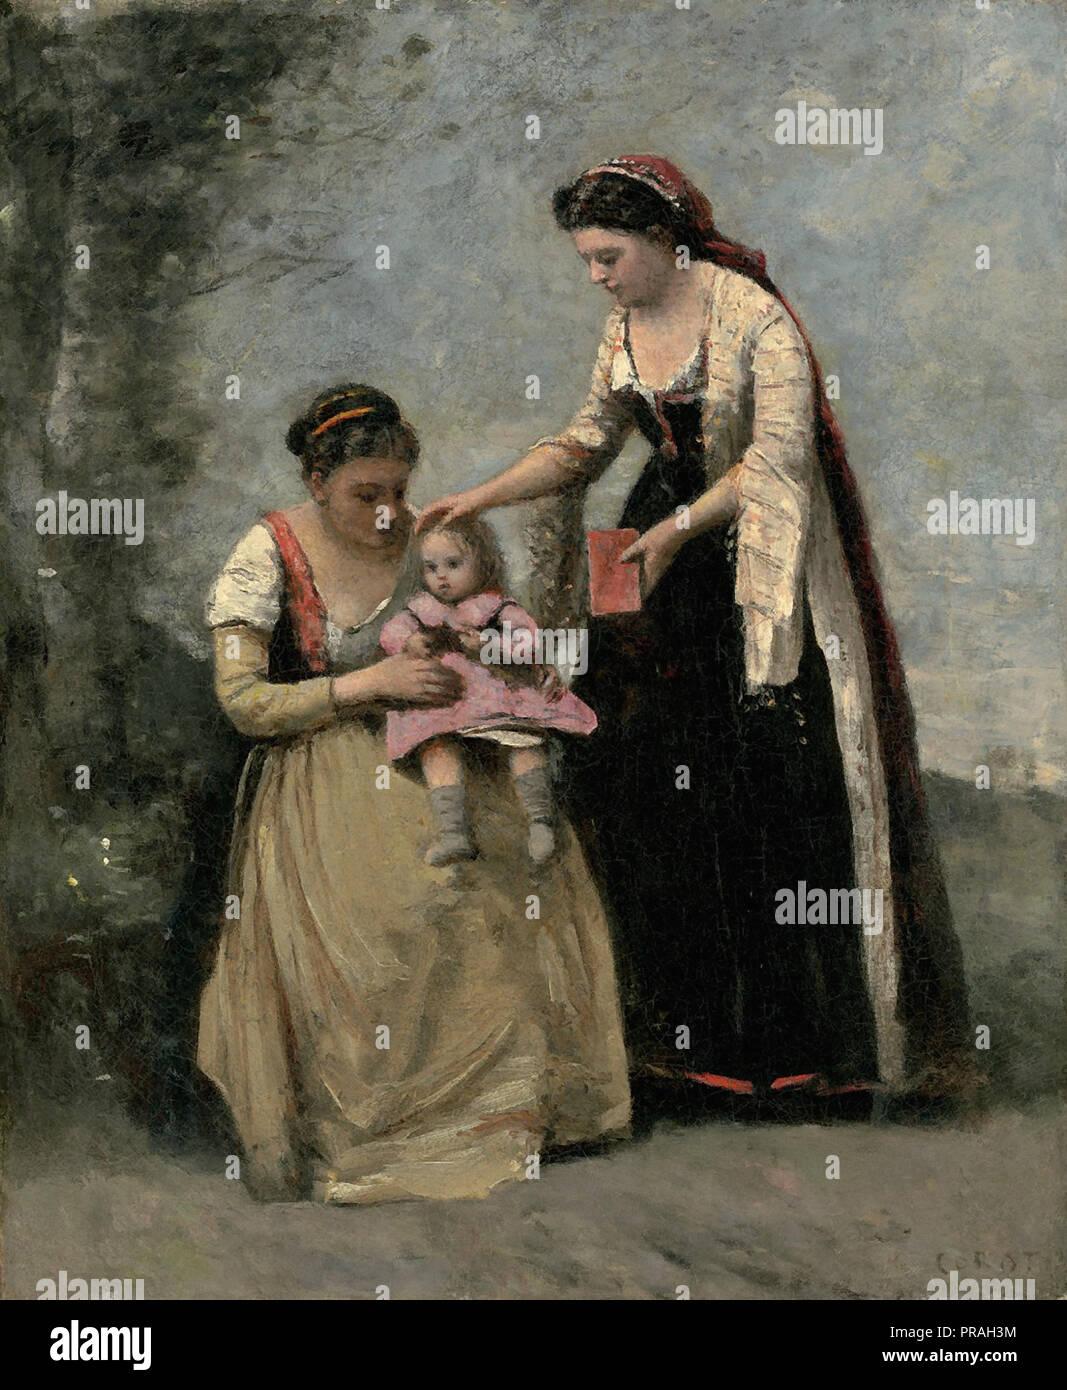 829f54b67b7f1 corot-jean-baptiste-camille-deux-femmes-jouant-avec-un-enfant-PRAH3M.jpg